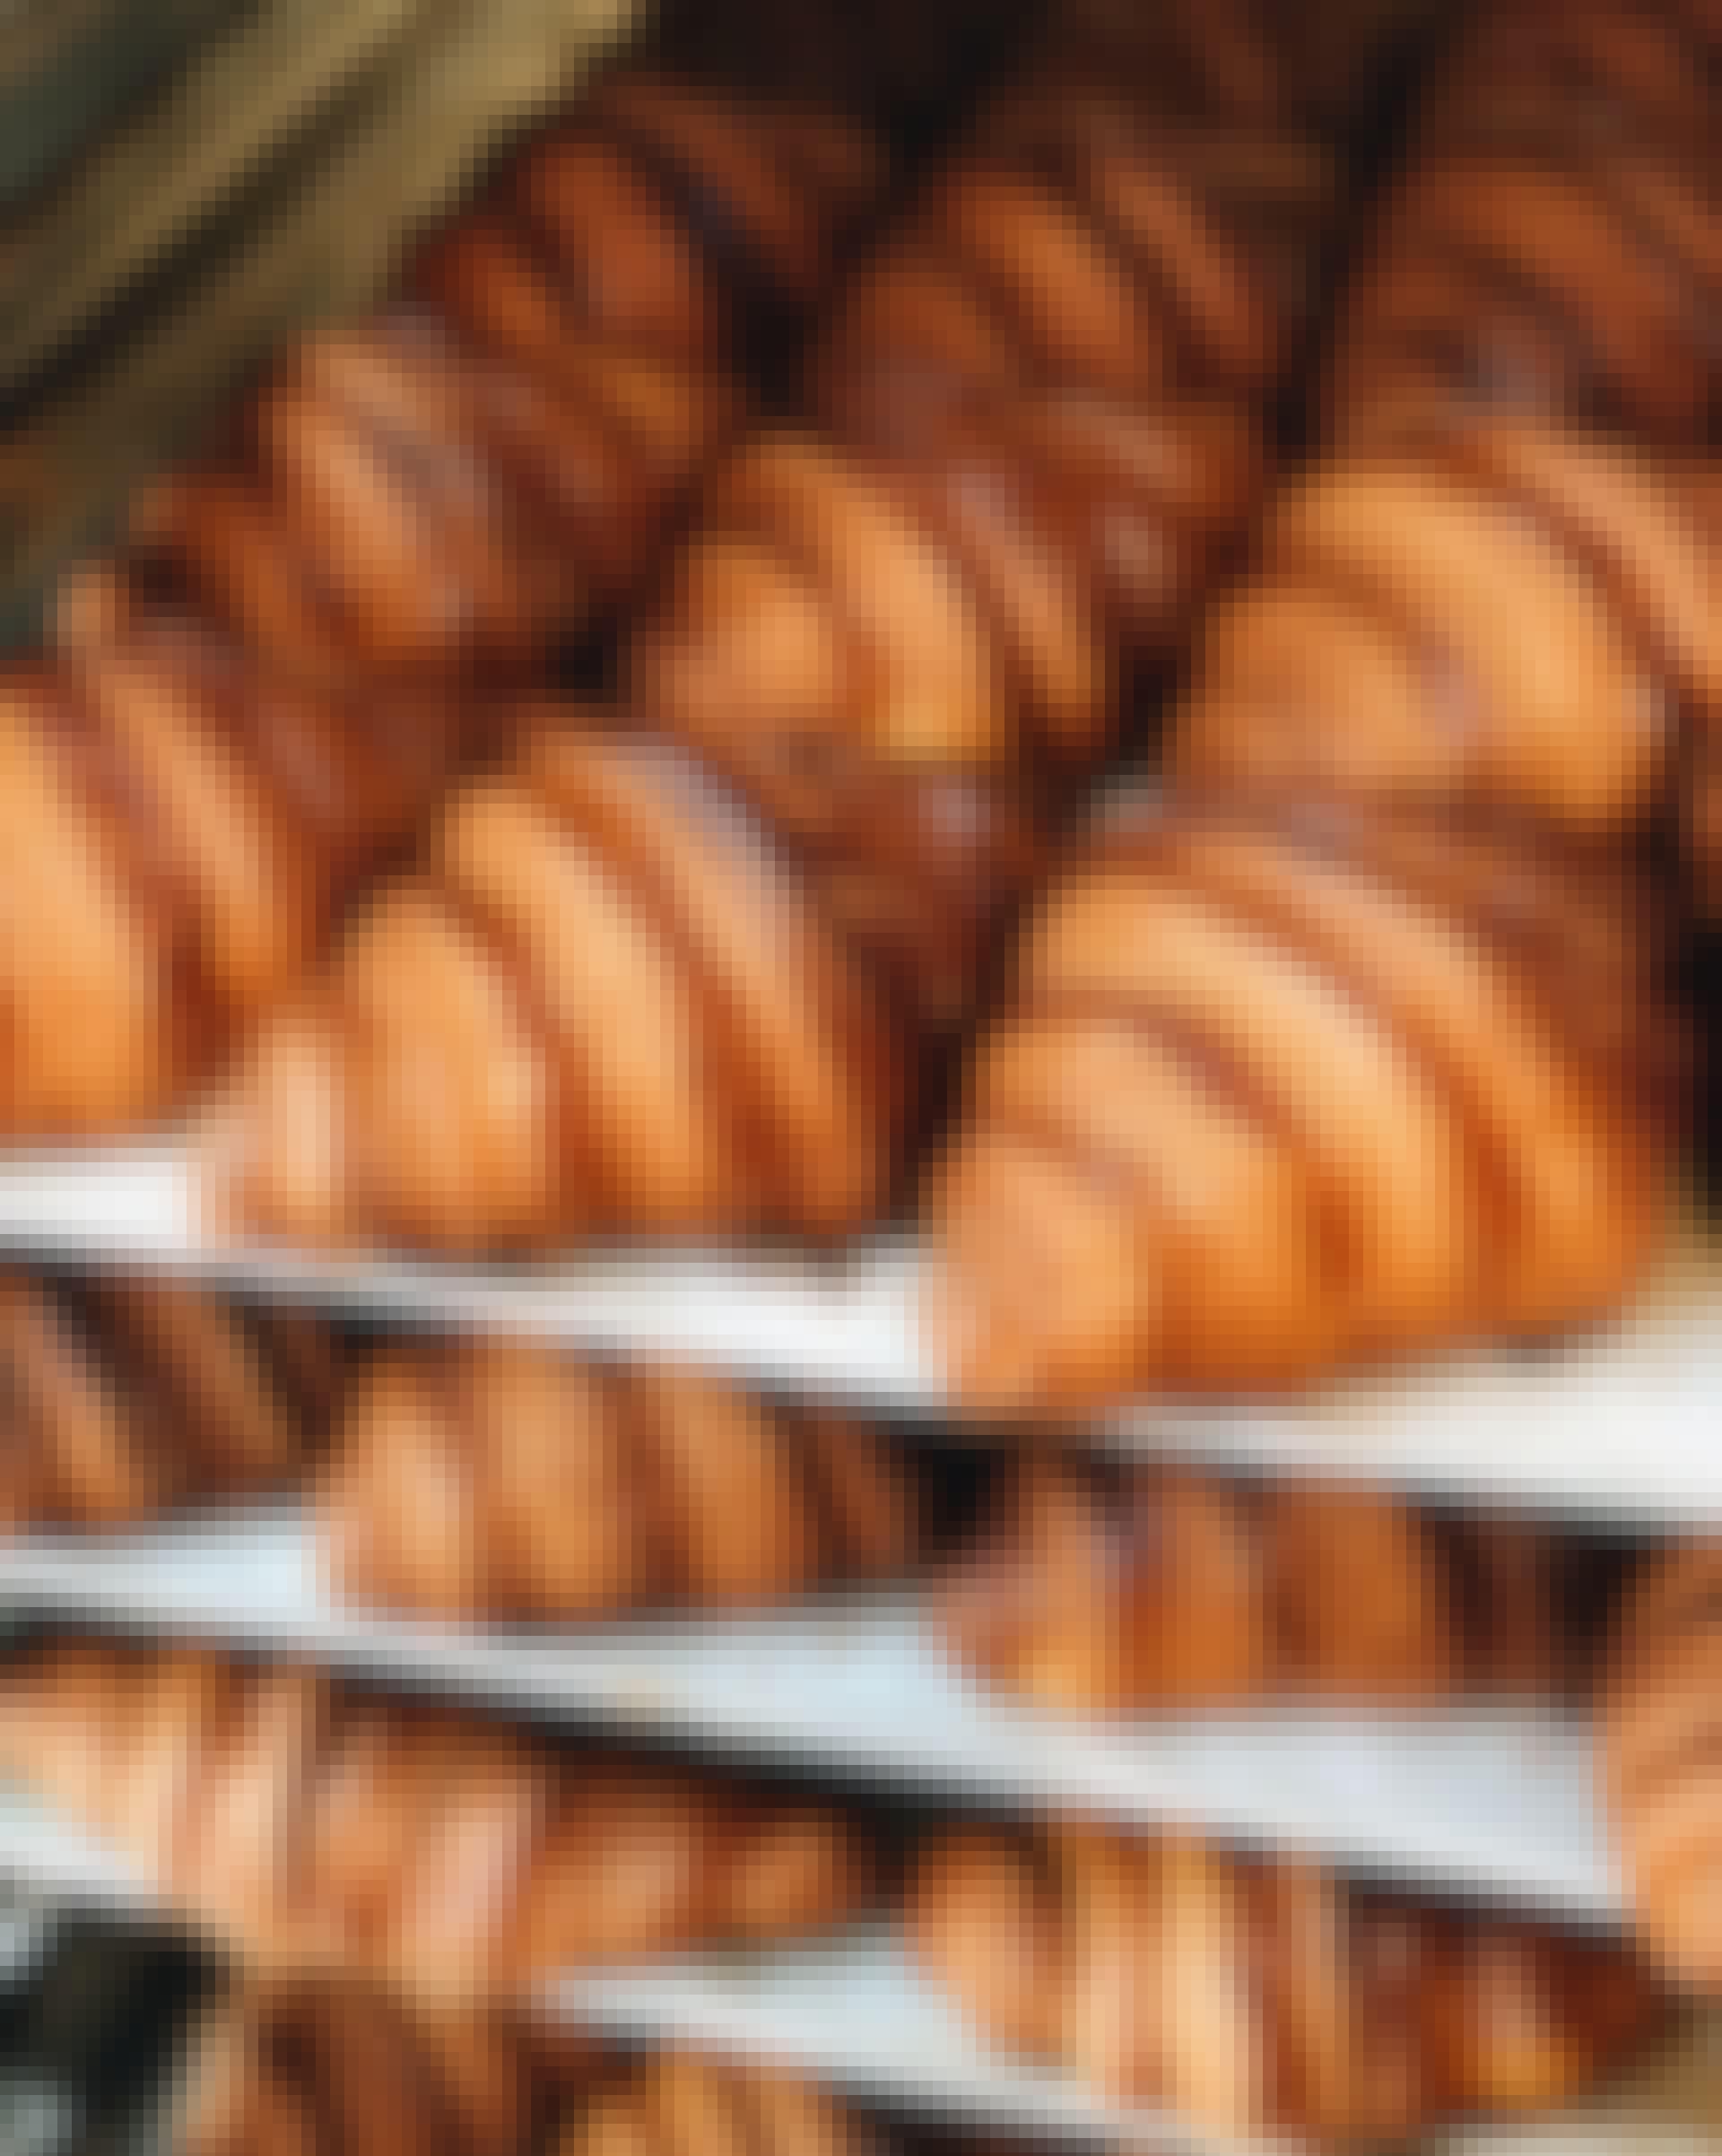 Crossainter bedste bageri København